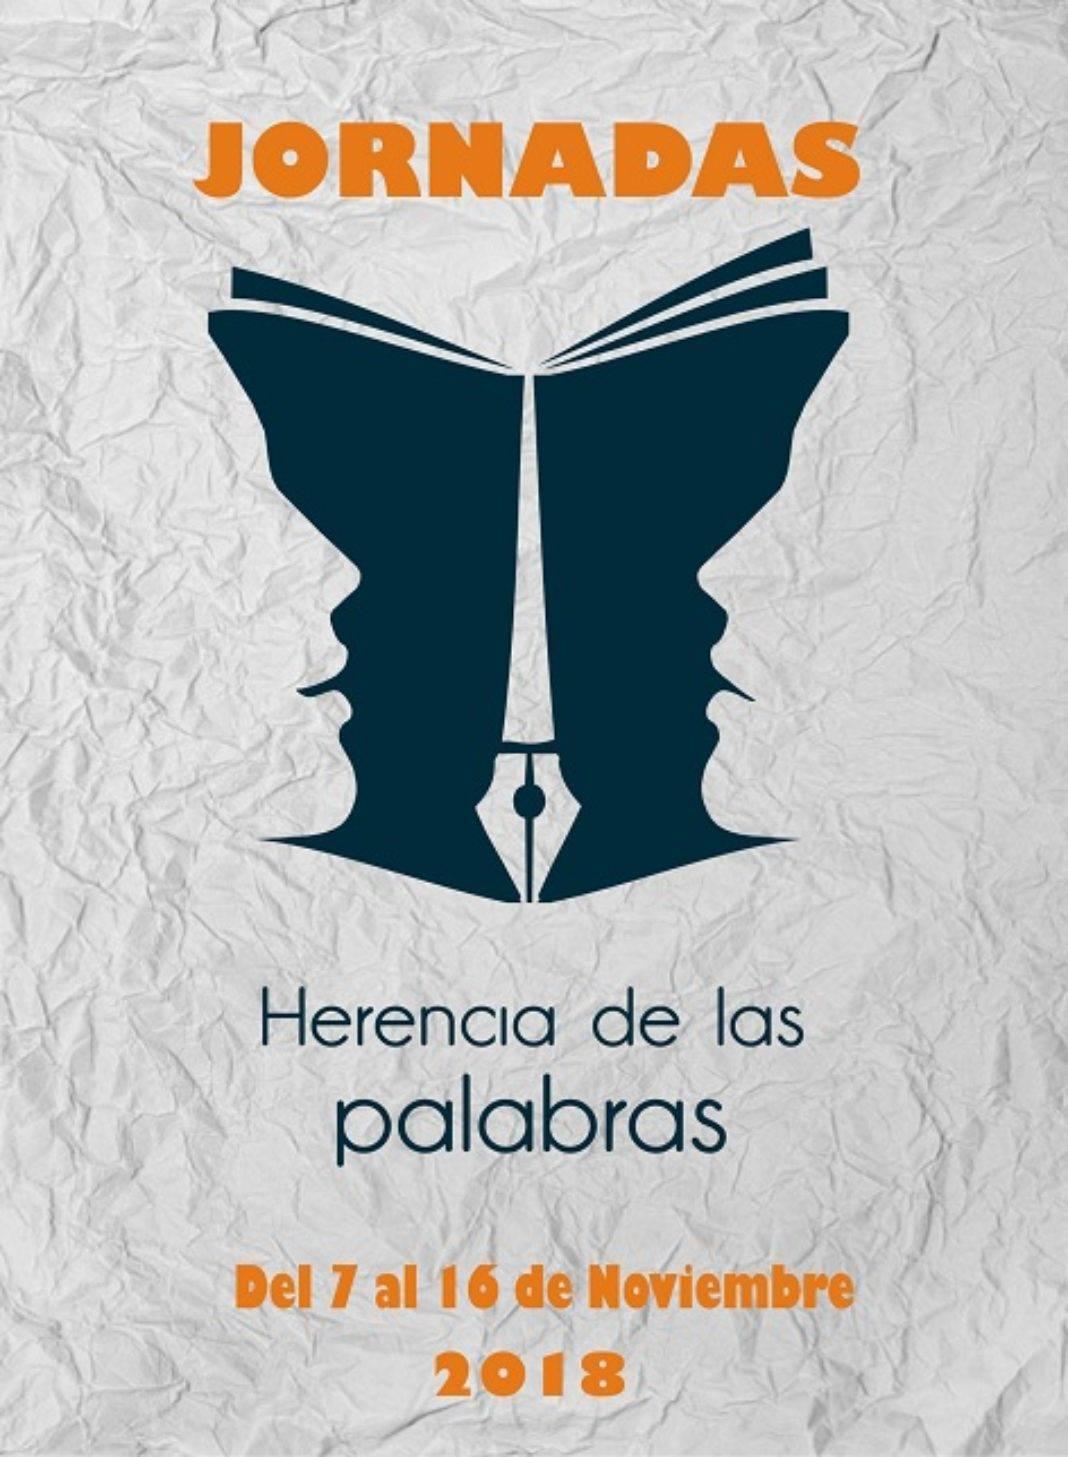 """Portada herencia de las palabras biblioteca 1 1068x1457 - La biblioteca organiza sus primeras Jornadas """"Herencia de las Palabras"""""""